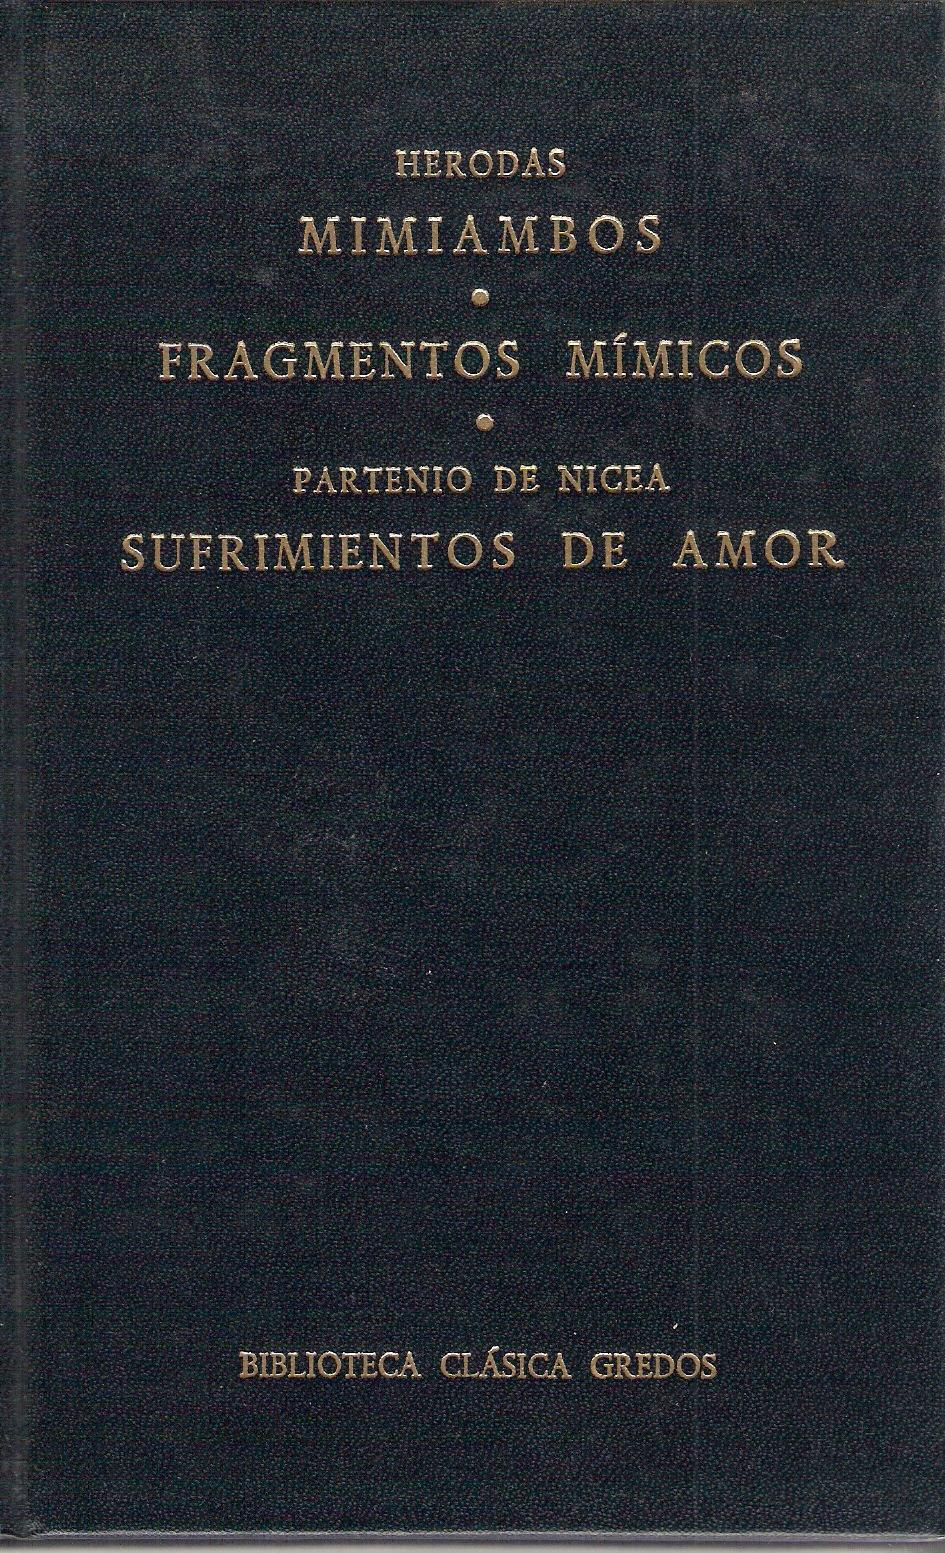 Mimiambos - Fragmentos Mímicos - Sufrimientos de amor